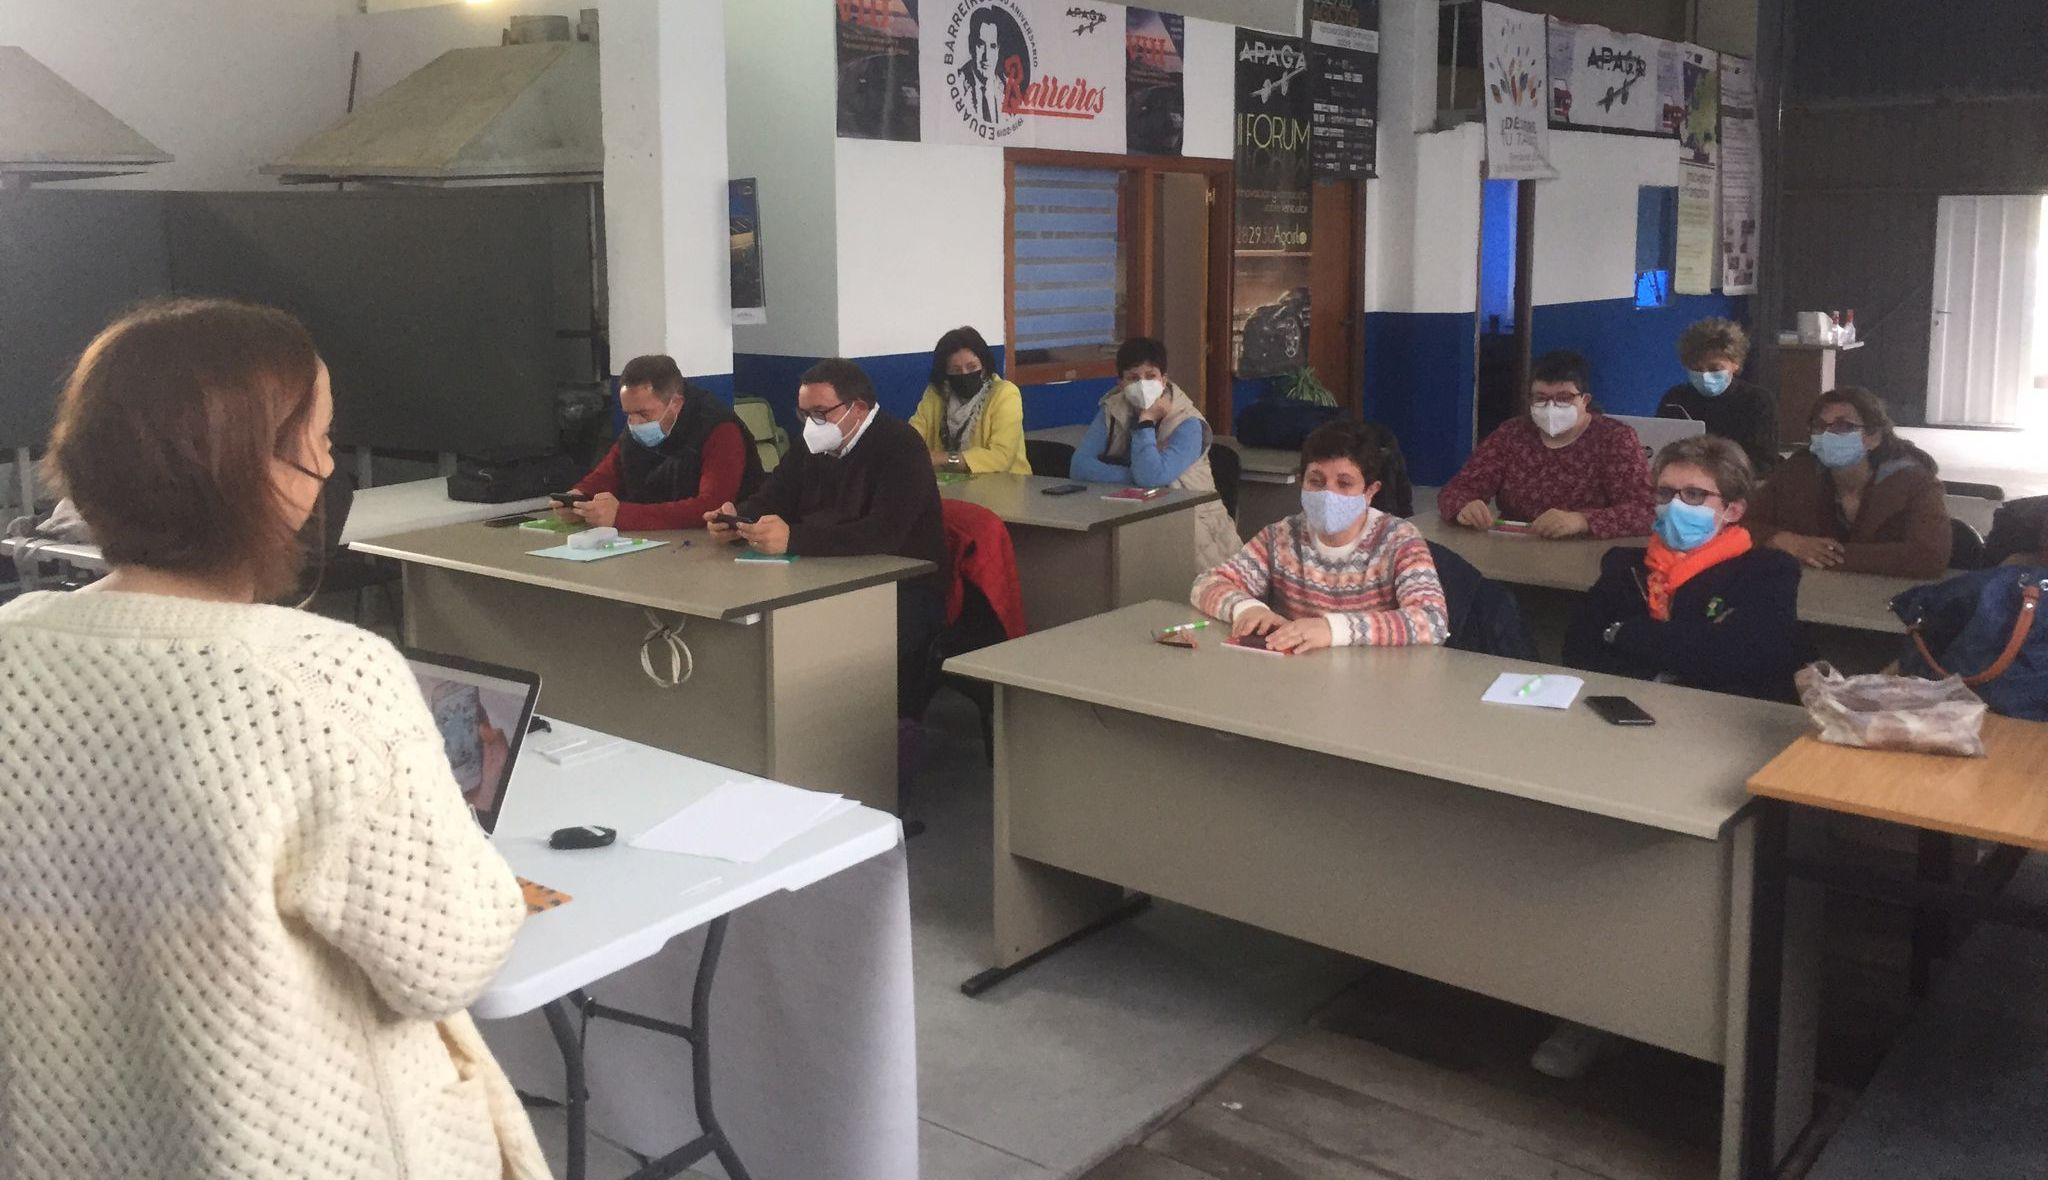 Comezou en Ribadeo o curso sobre venda en liña e redes sociais, organizado por Apaga